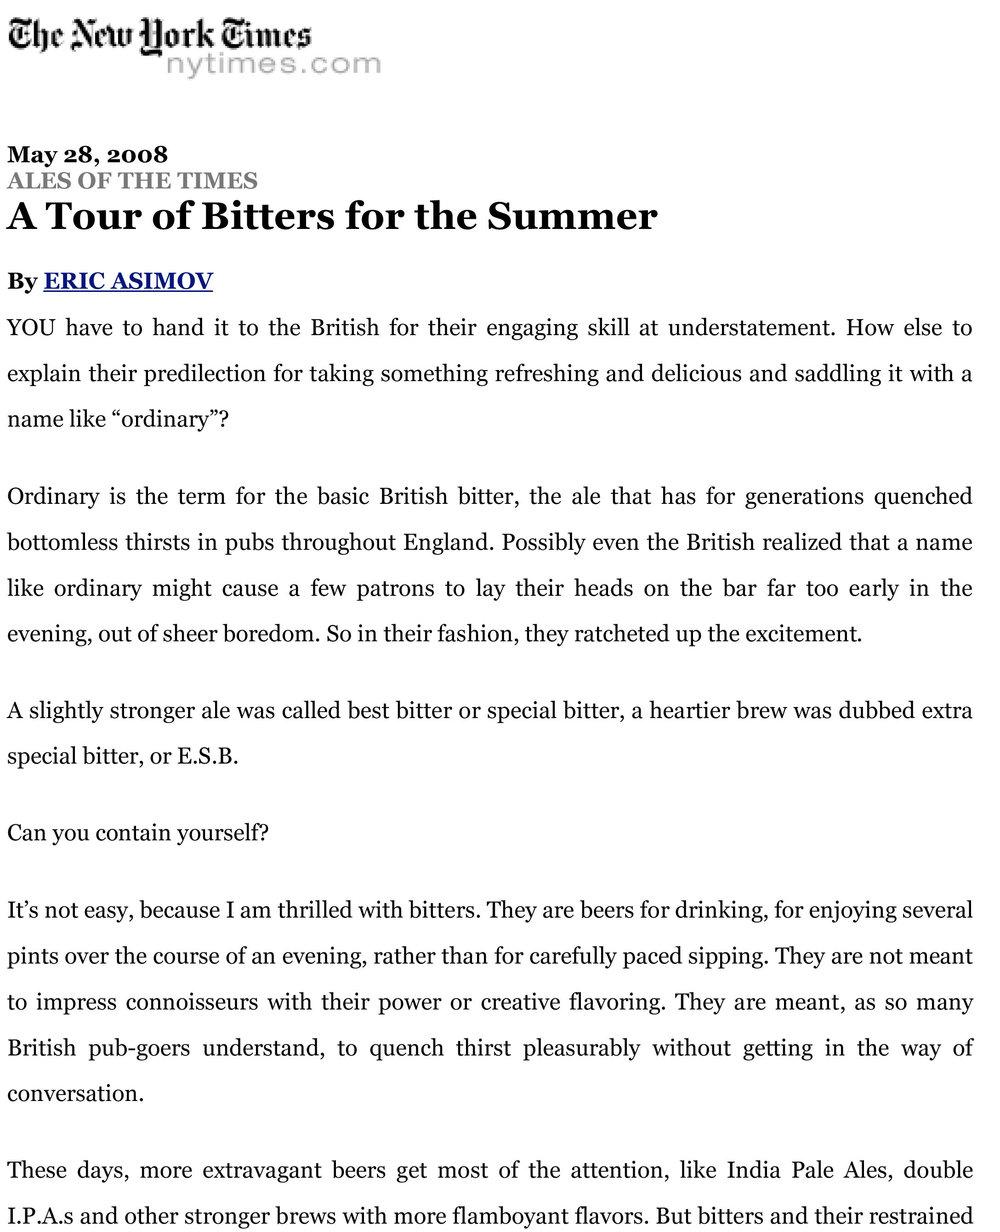 paulaner_Fullers_NYTimes-BittersTourSummer08.jpg